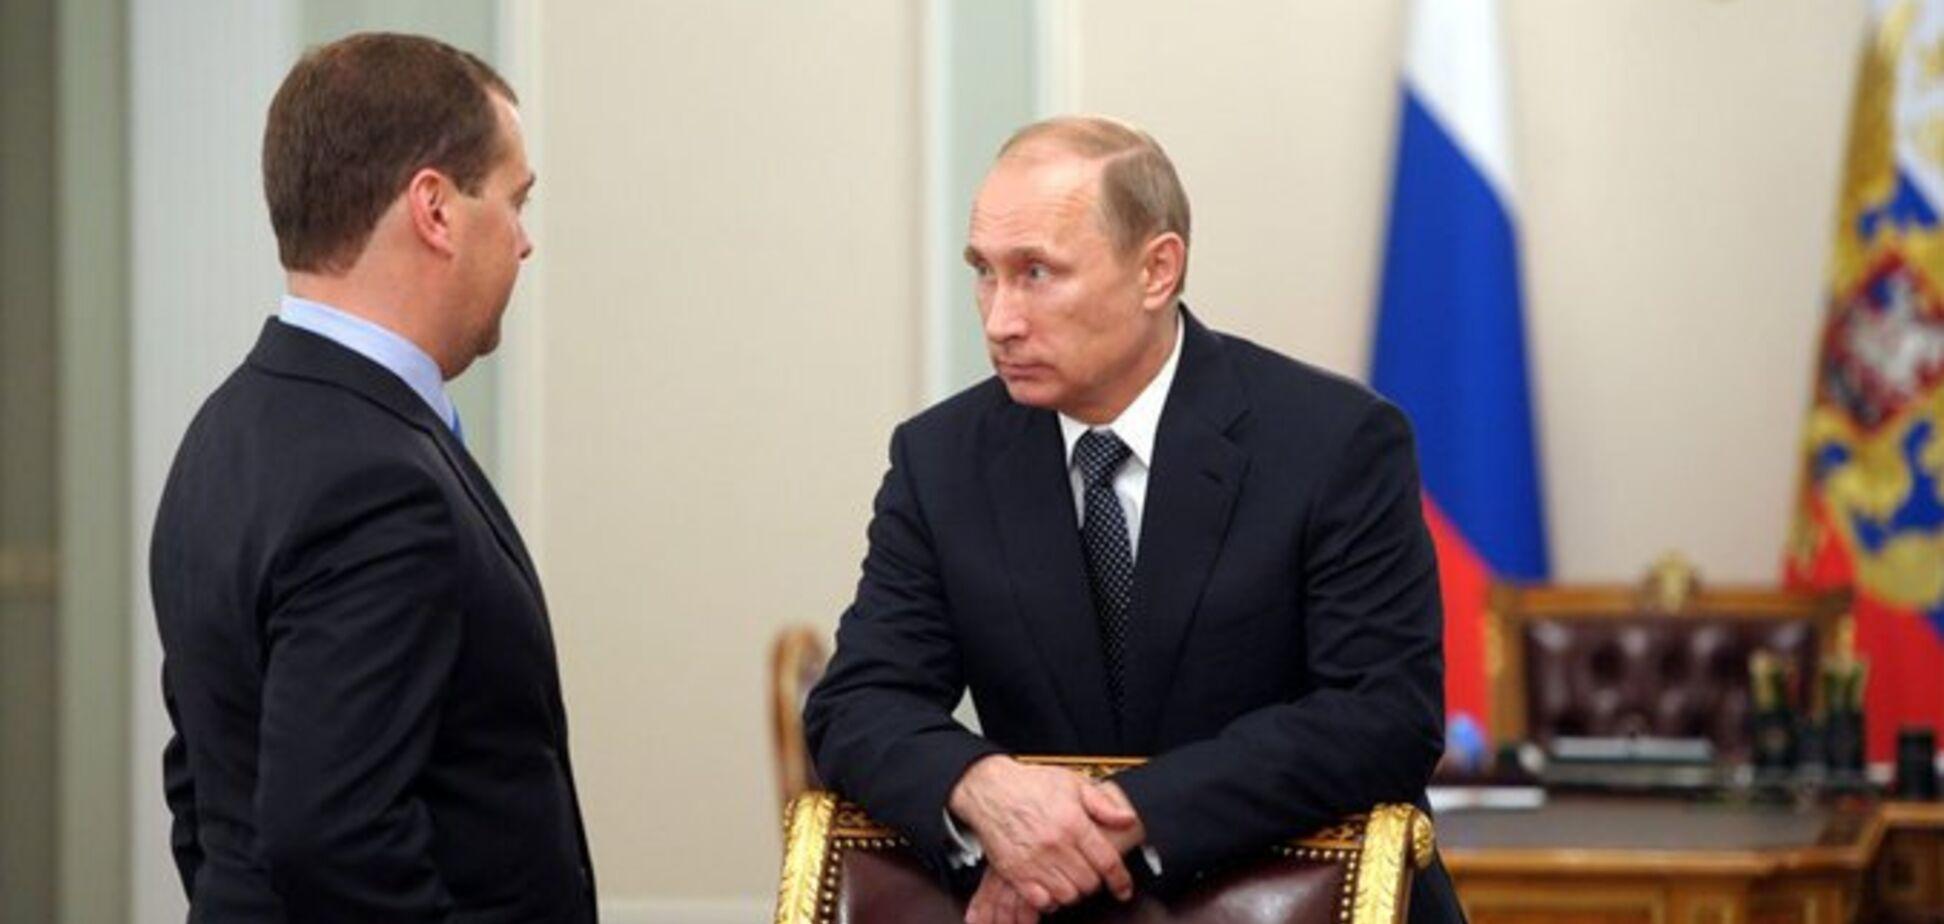 Если Путин уйдет досрочно: Соловей рассказал о будущем России